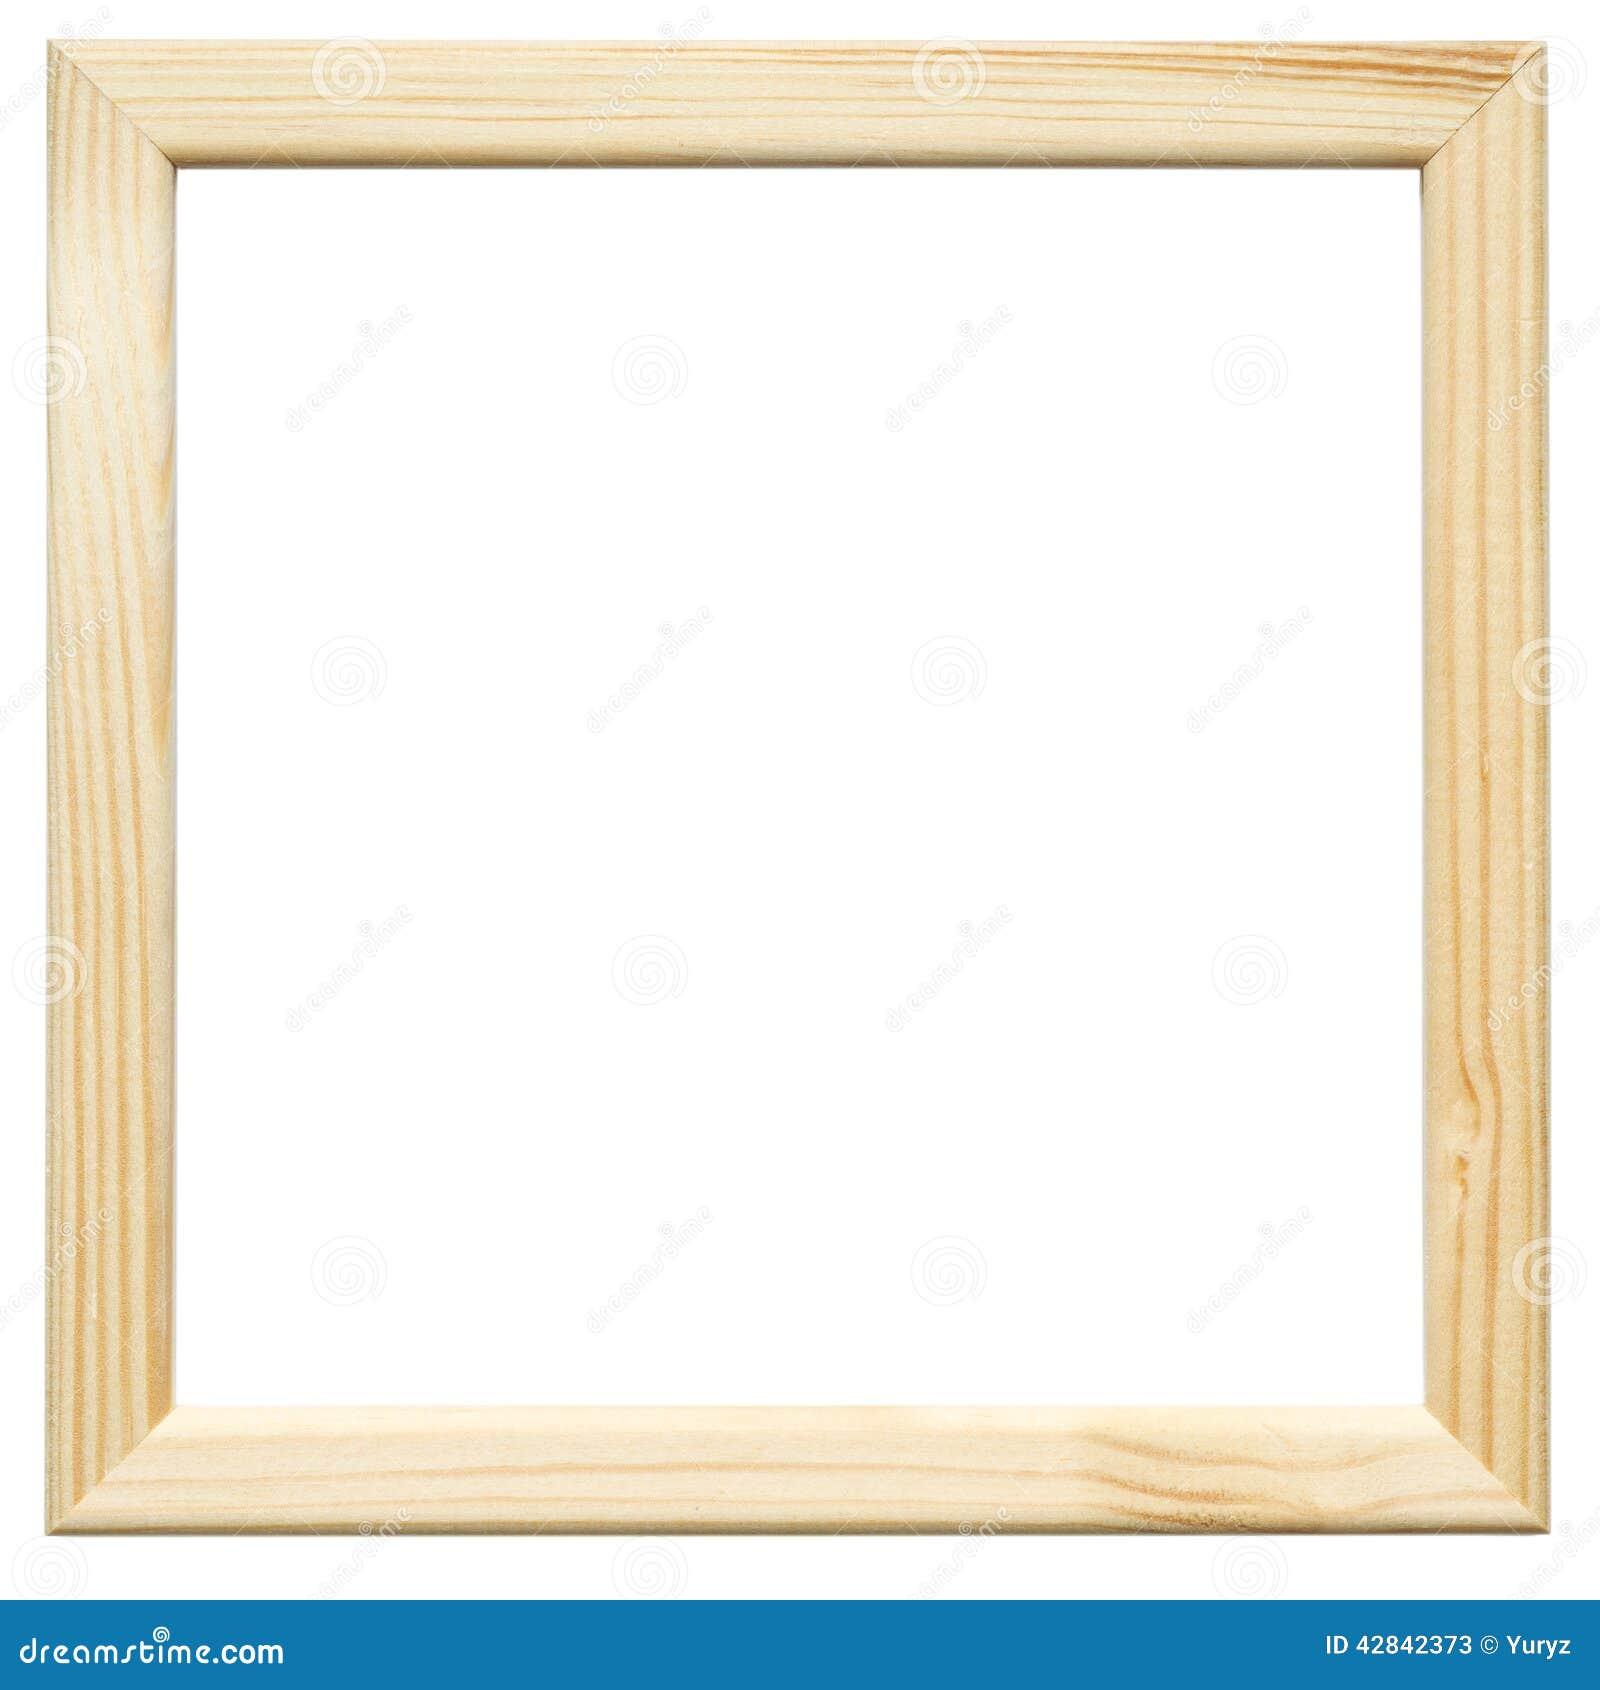 деревянная рамка стоковое изображение изображение насчитывающей